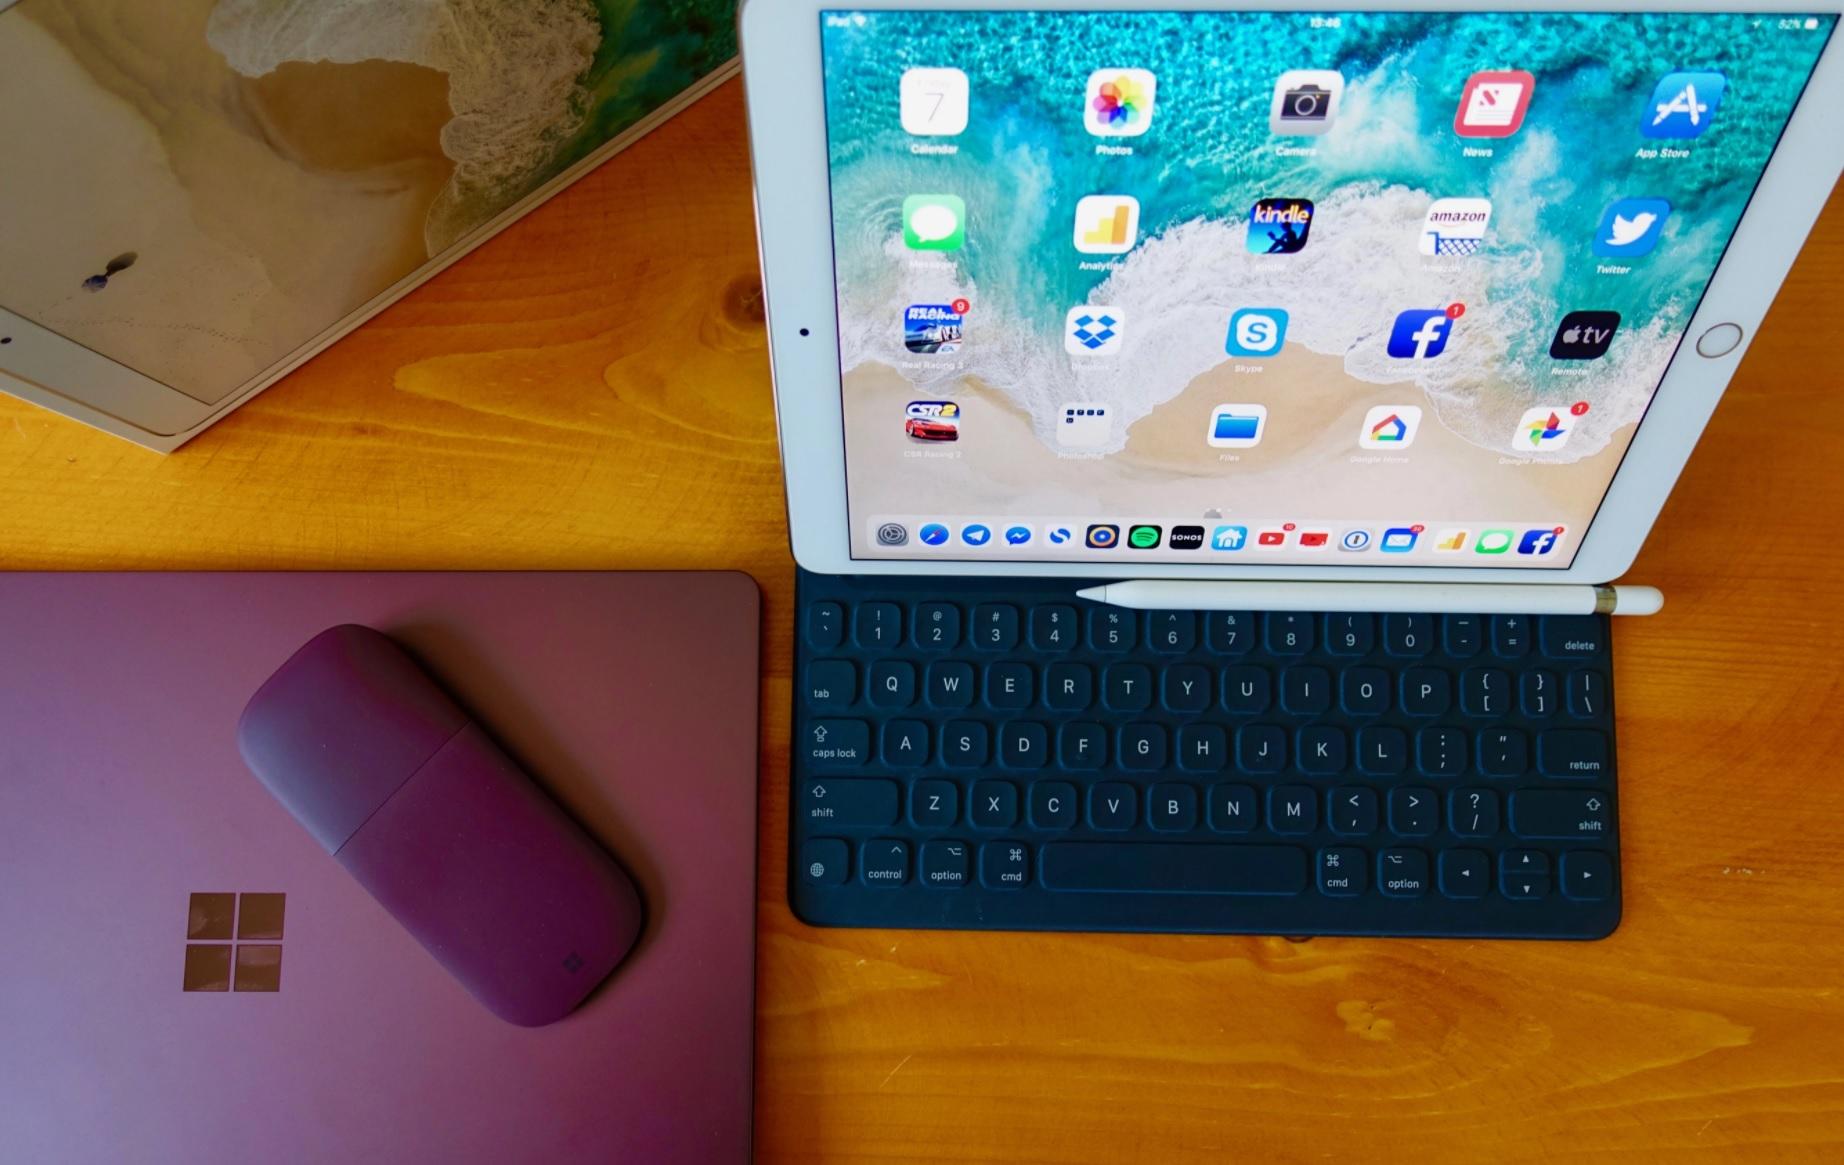 Få med deg testene våre av iPad Pro 10,5 og Surface Laptop, i tillegg til alt det spennende som kommer fremover.